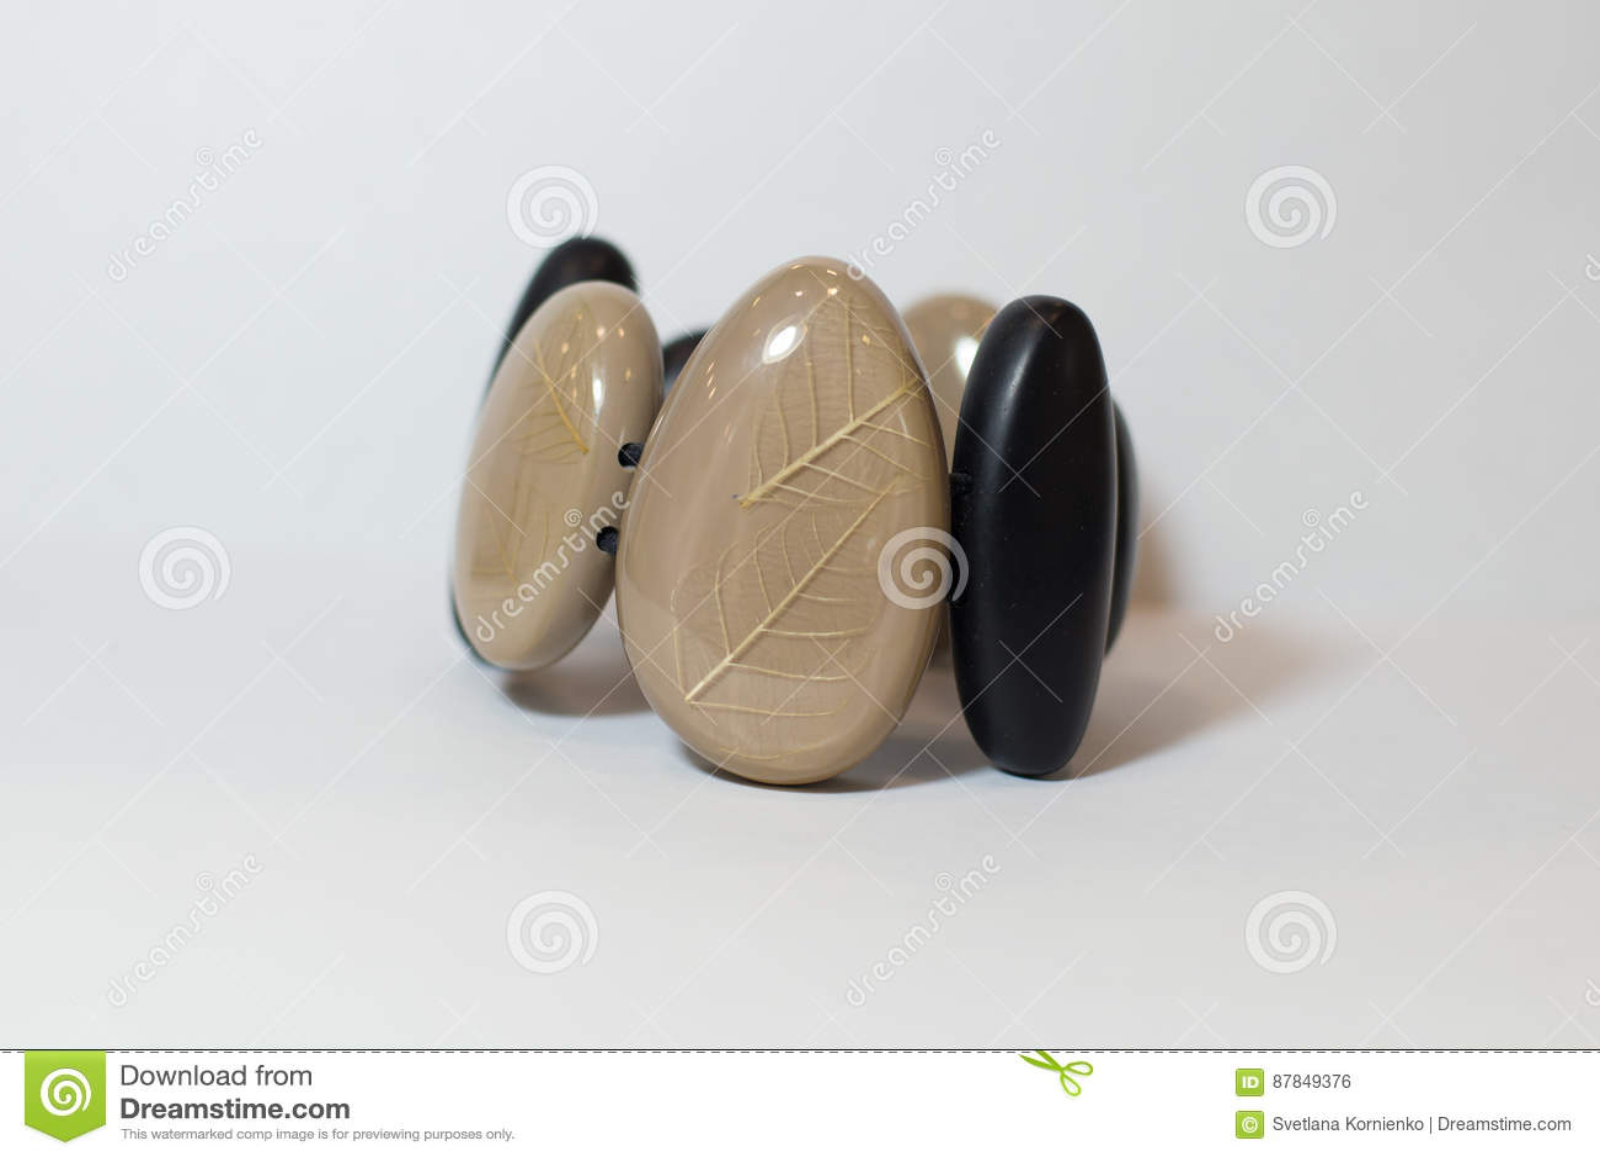 Καφετιά μαύρη εθνική διακόσμηση βραχιολιών σε ετοιμότητα